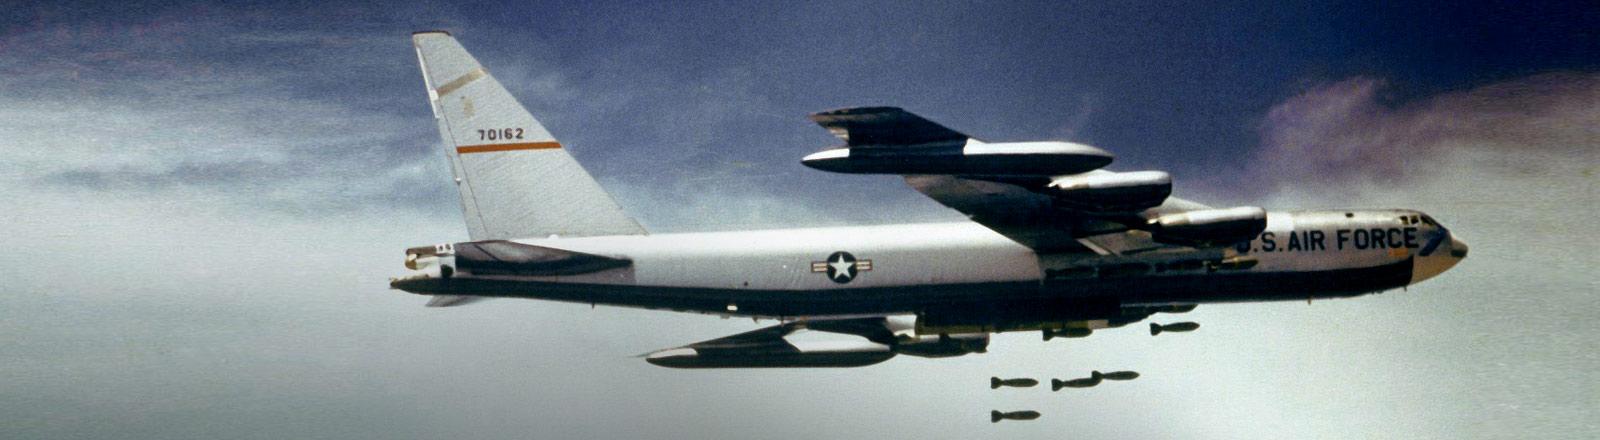 Ein US-amerikanischer B52-Bomber wirft Bomben über Vietnam ab.